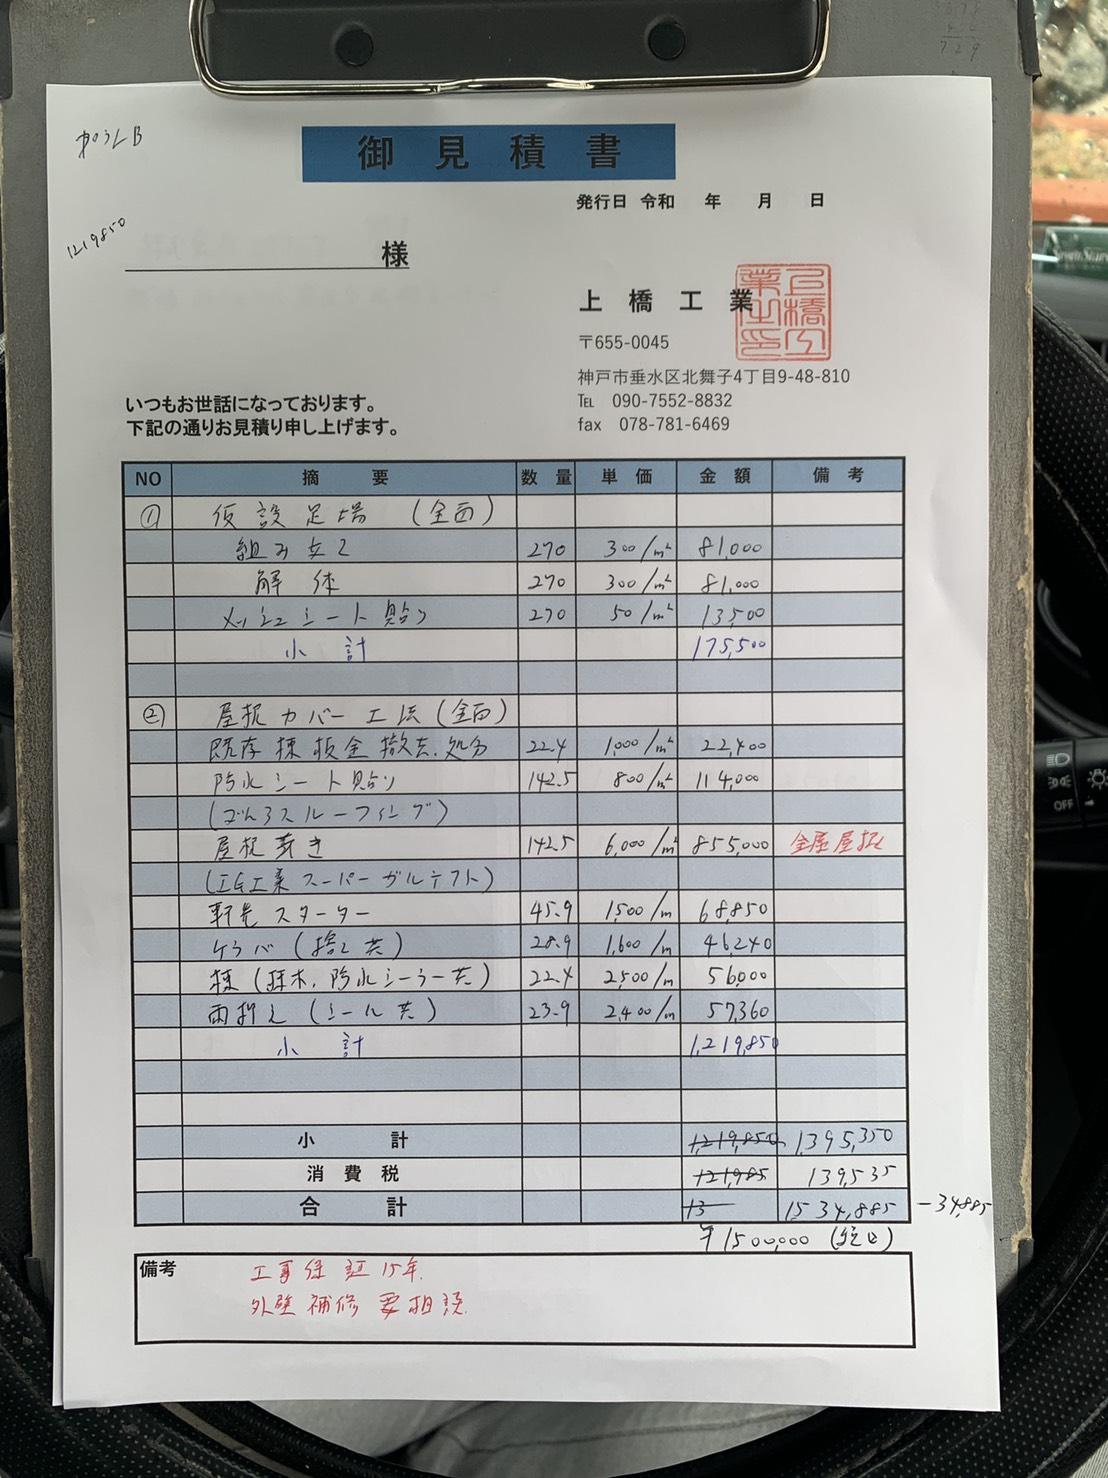 神戸市北区でご紹介する屋根工事費用でカバー工法のお見積もり